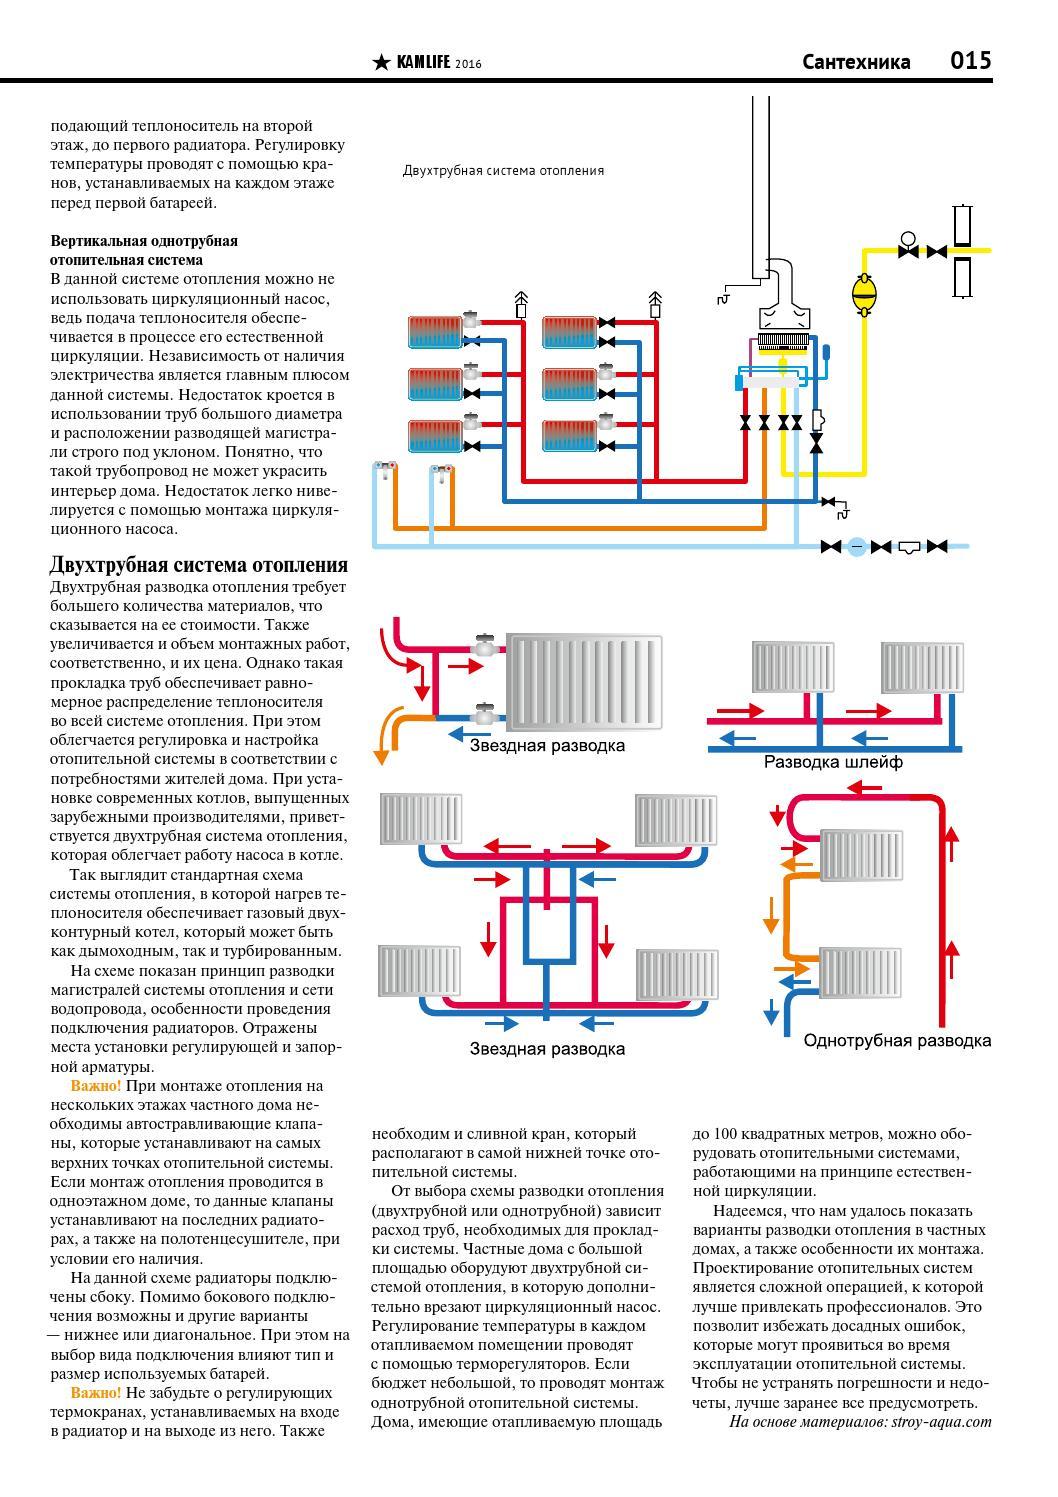 Ремонт отопления и системы в частном доме: гидравлические испытания, обслуживание и балансировка